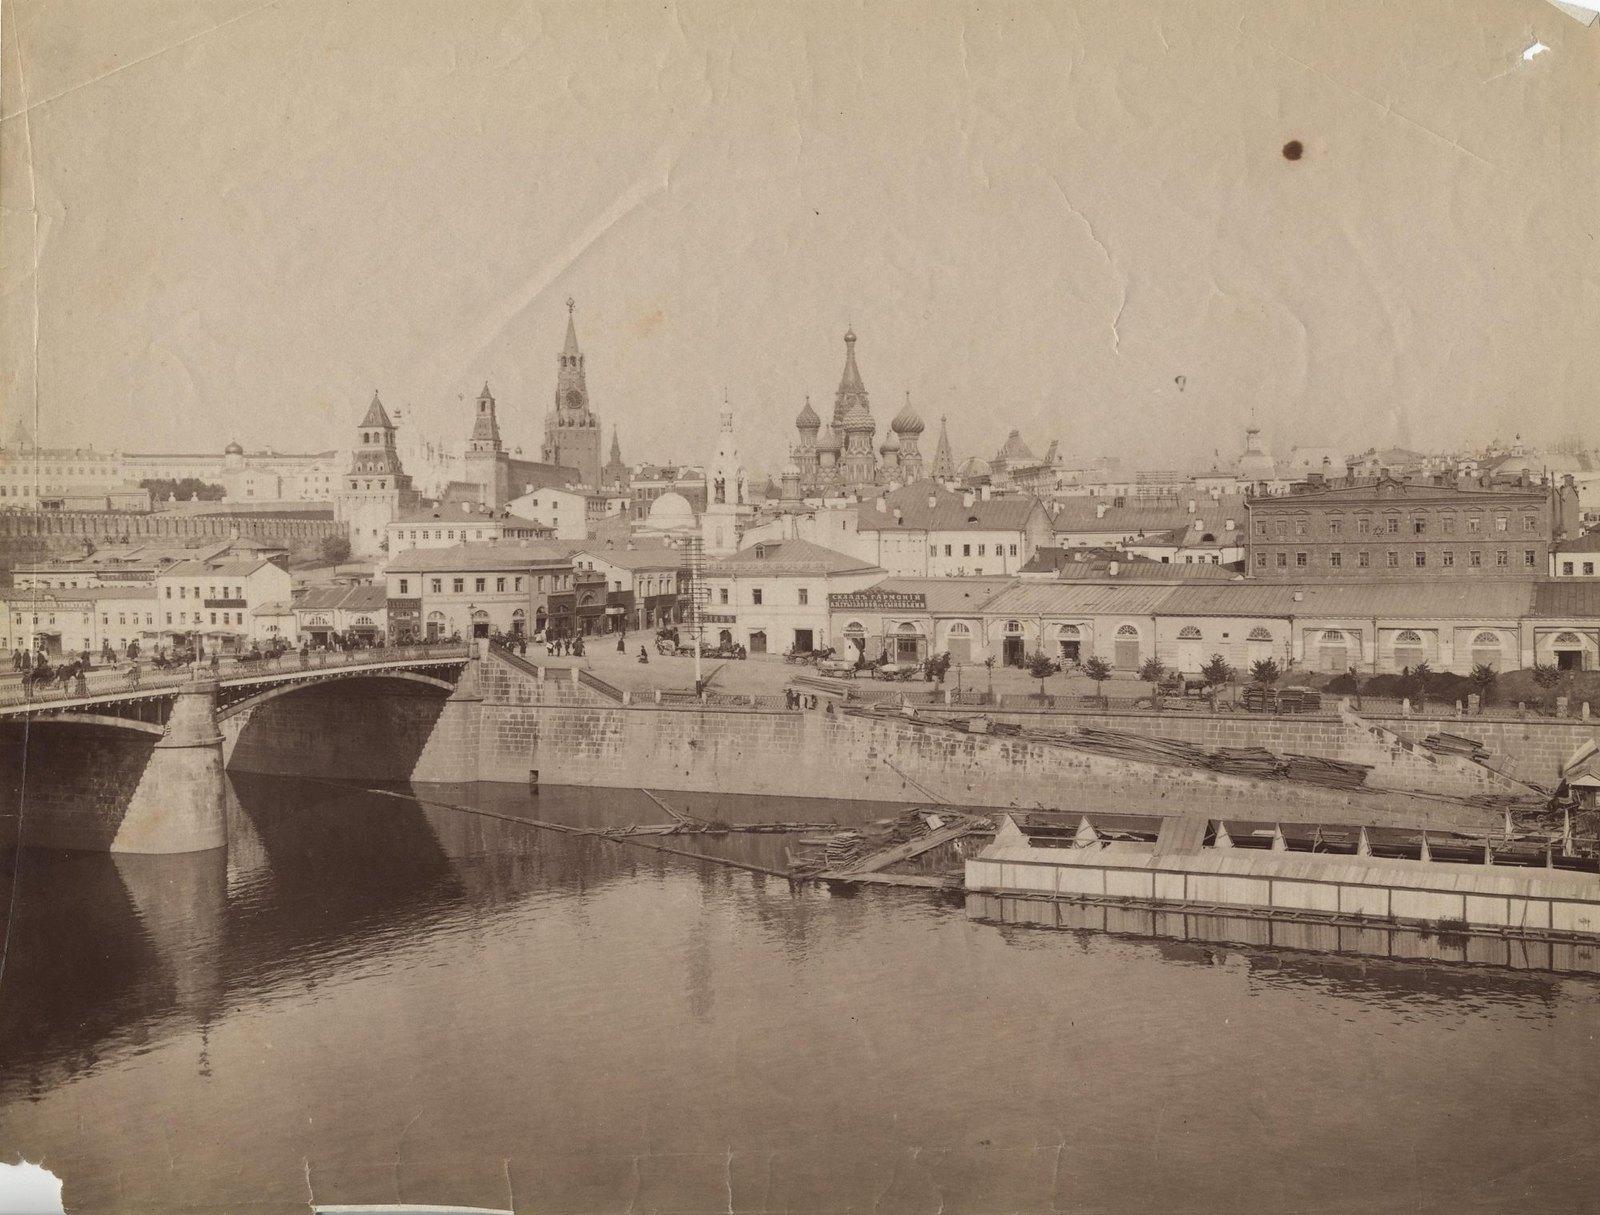 Вид на Москворецкий мост и Кремль